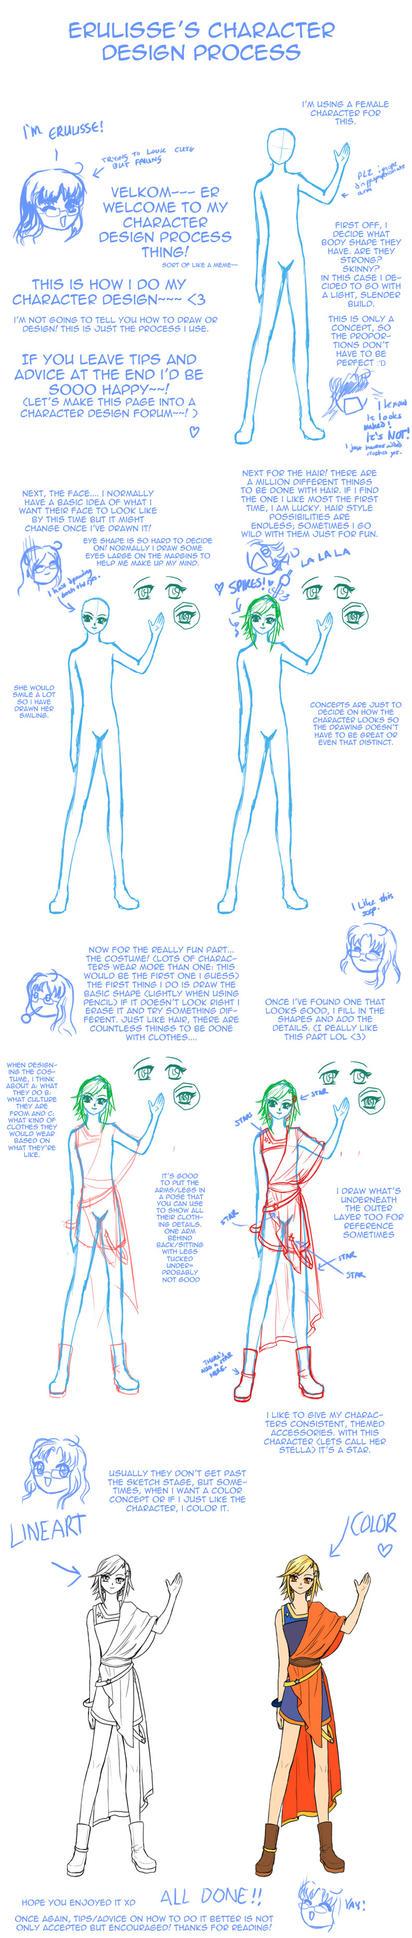 Character Design Process : Character design process idk by erulisse on deviantart